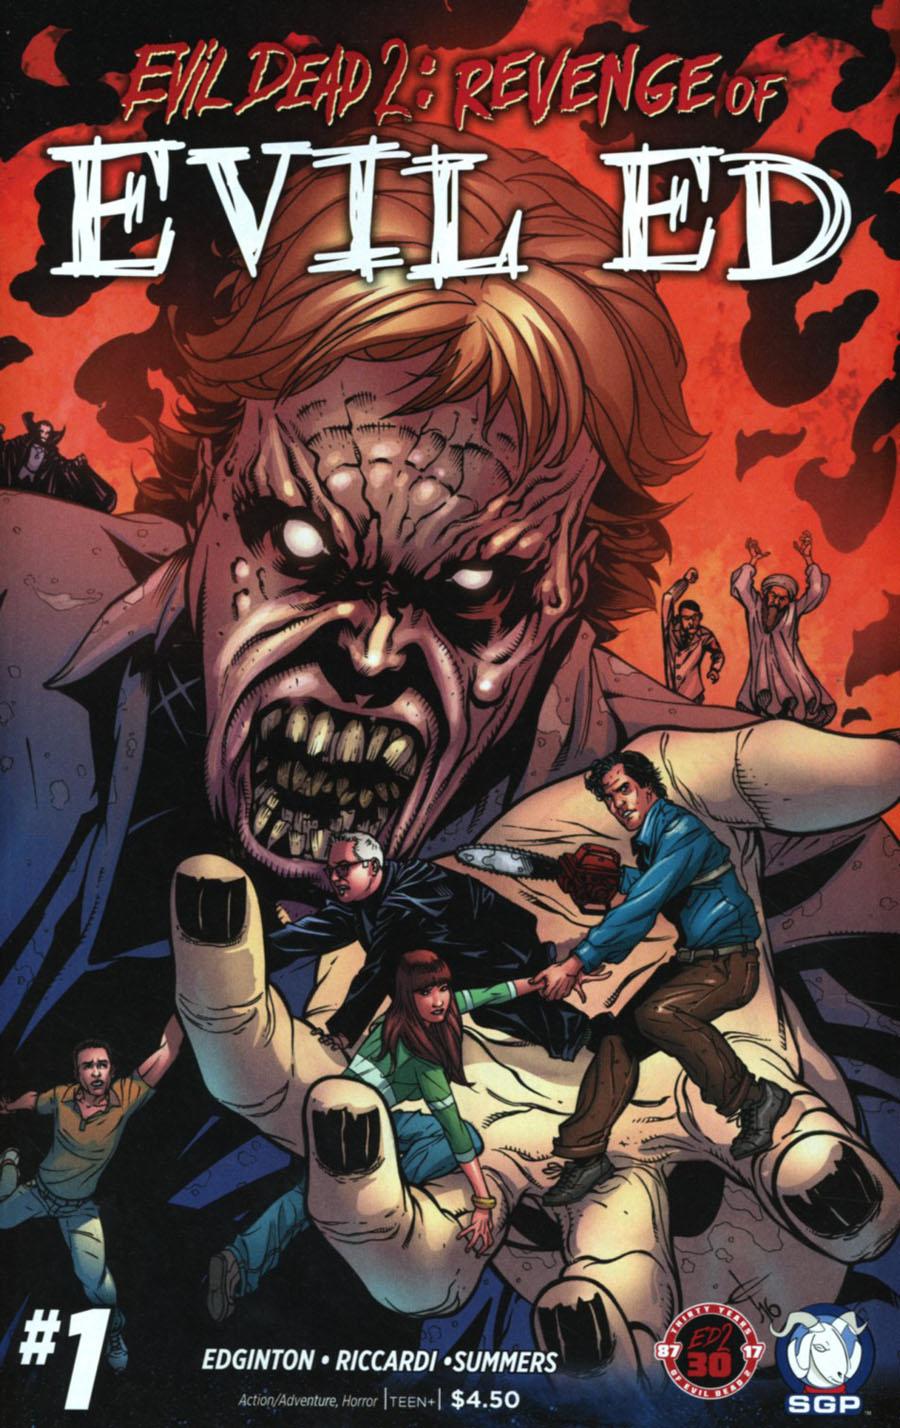 Evil Dead 2 Revenge Of Evil Ed #1